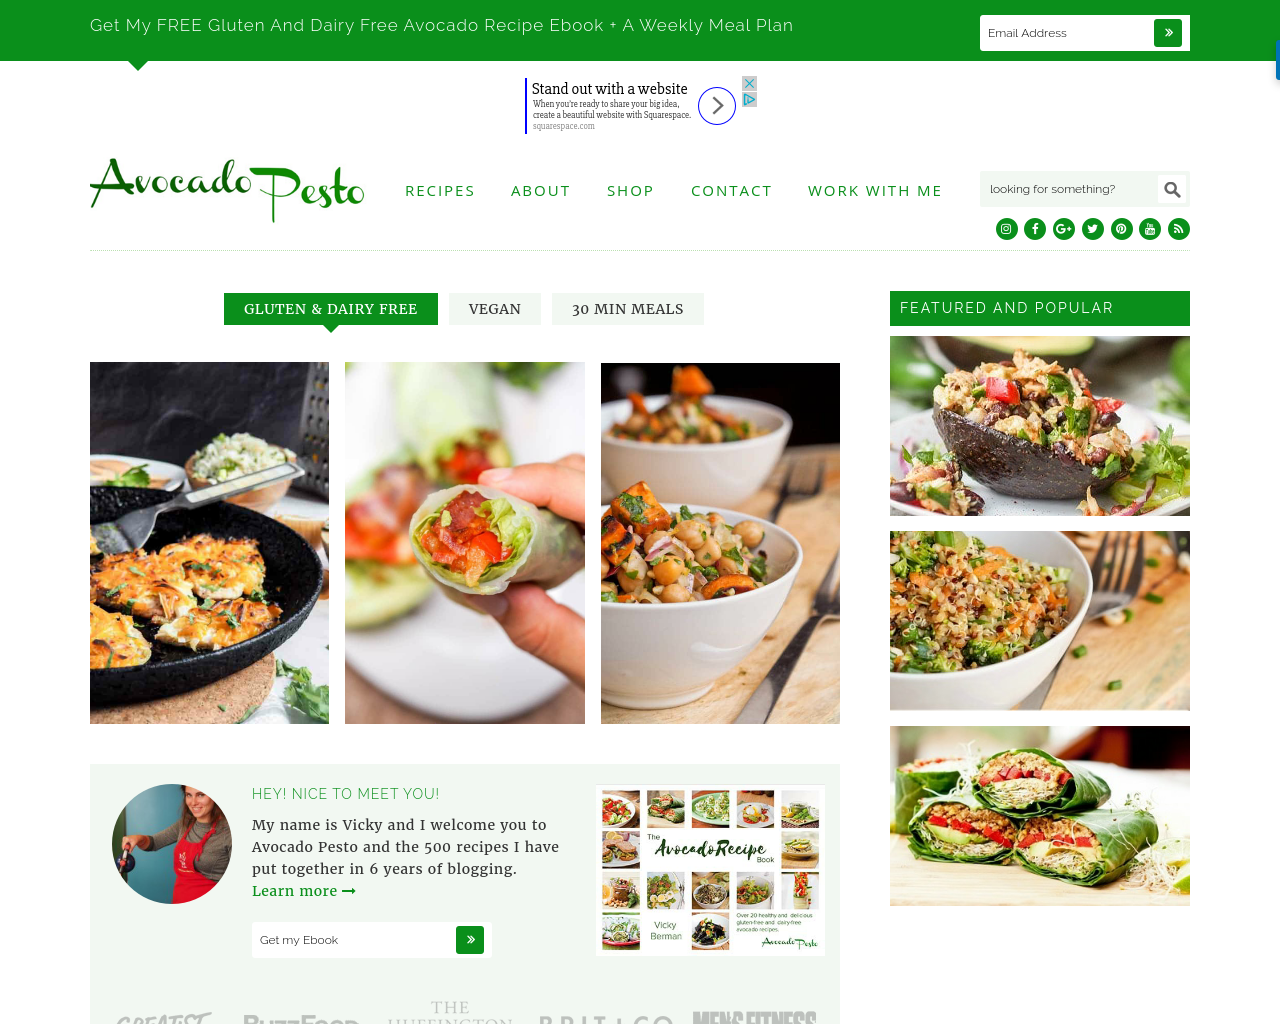 Avocado-Pesto-Advertising-Reviews-Pricing